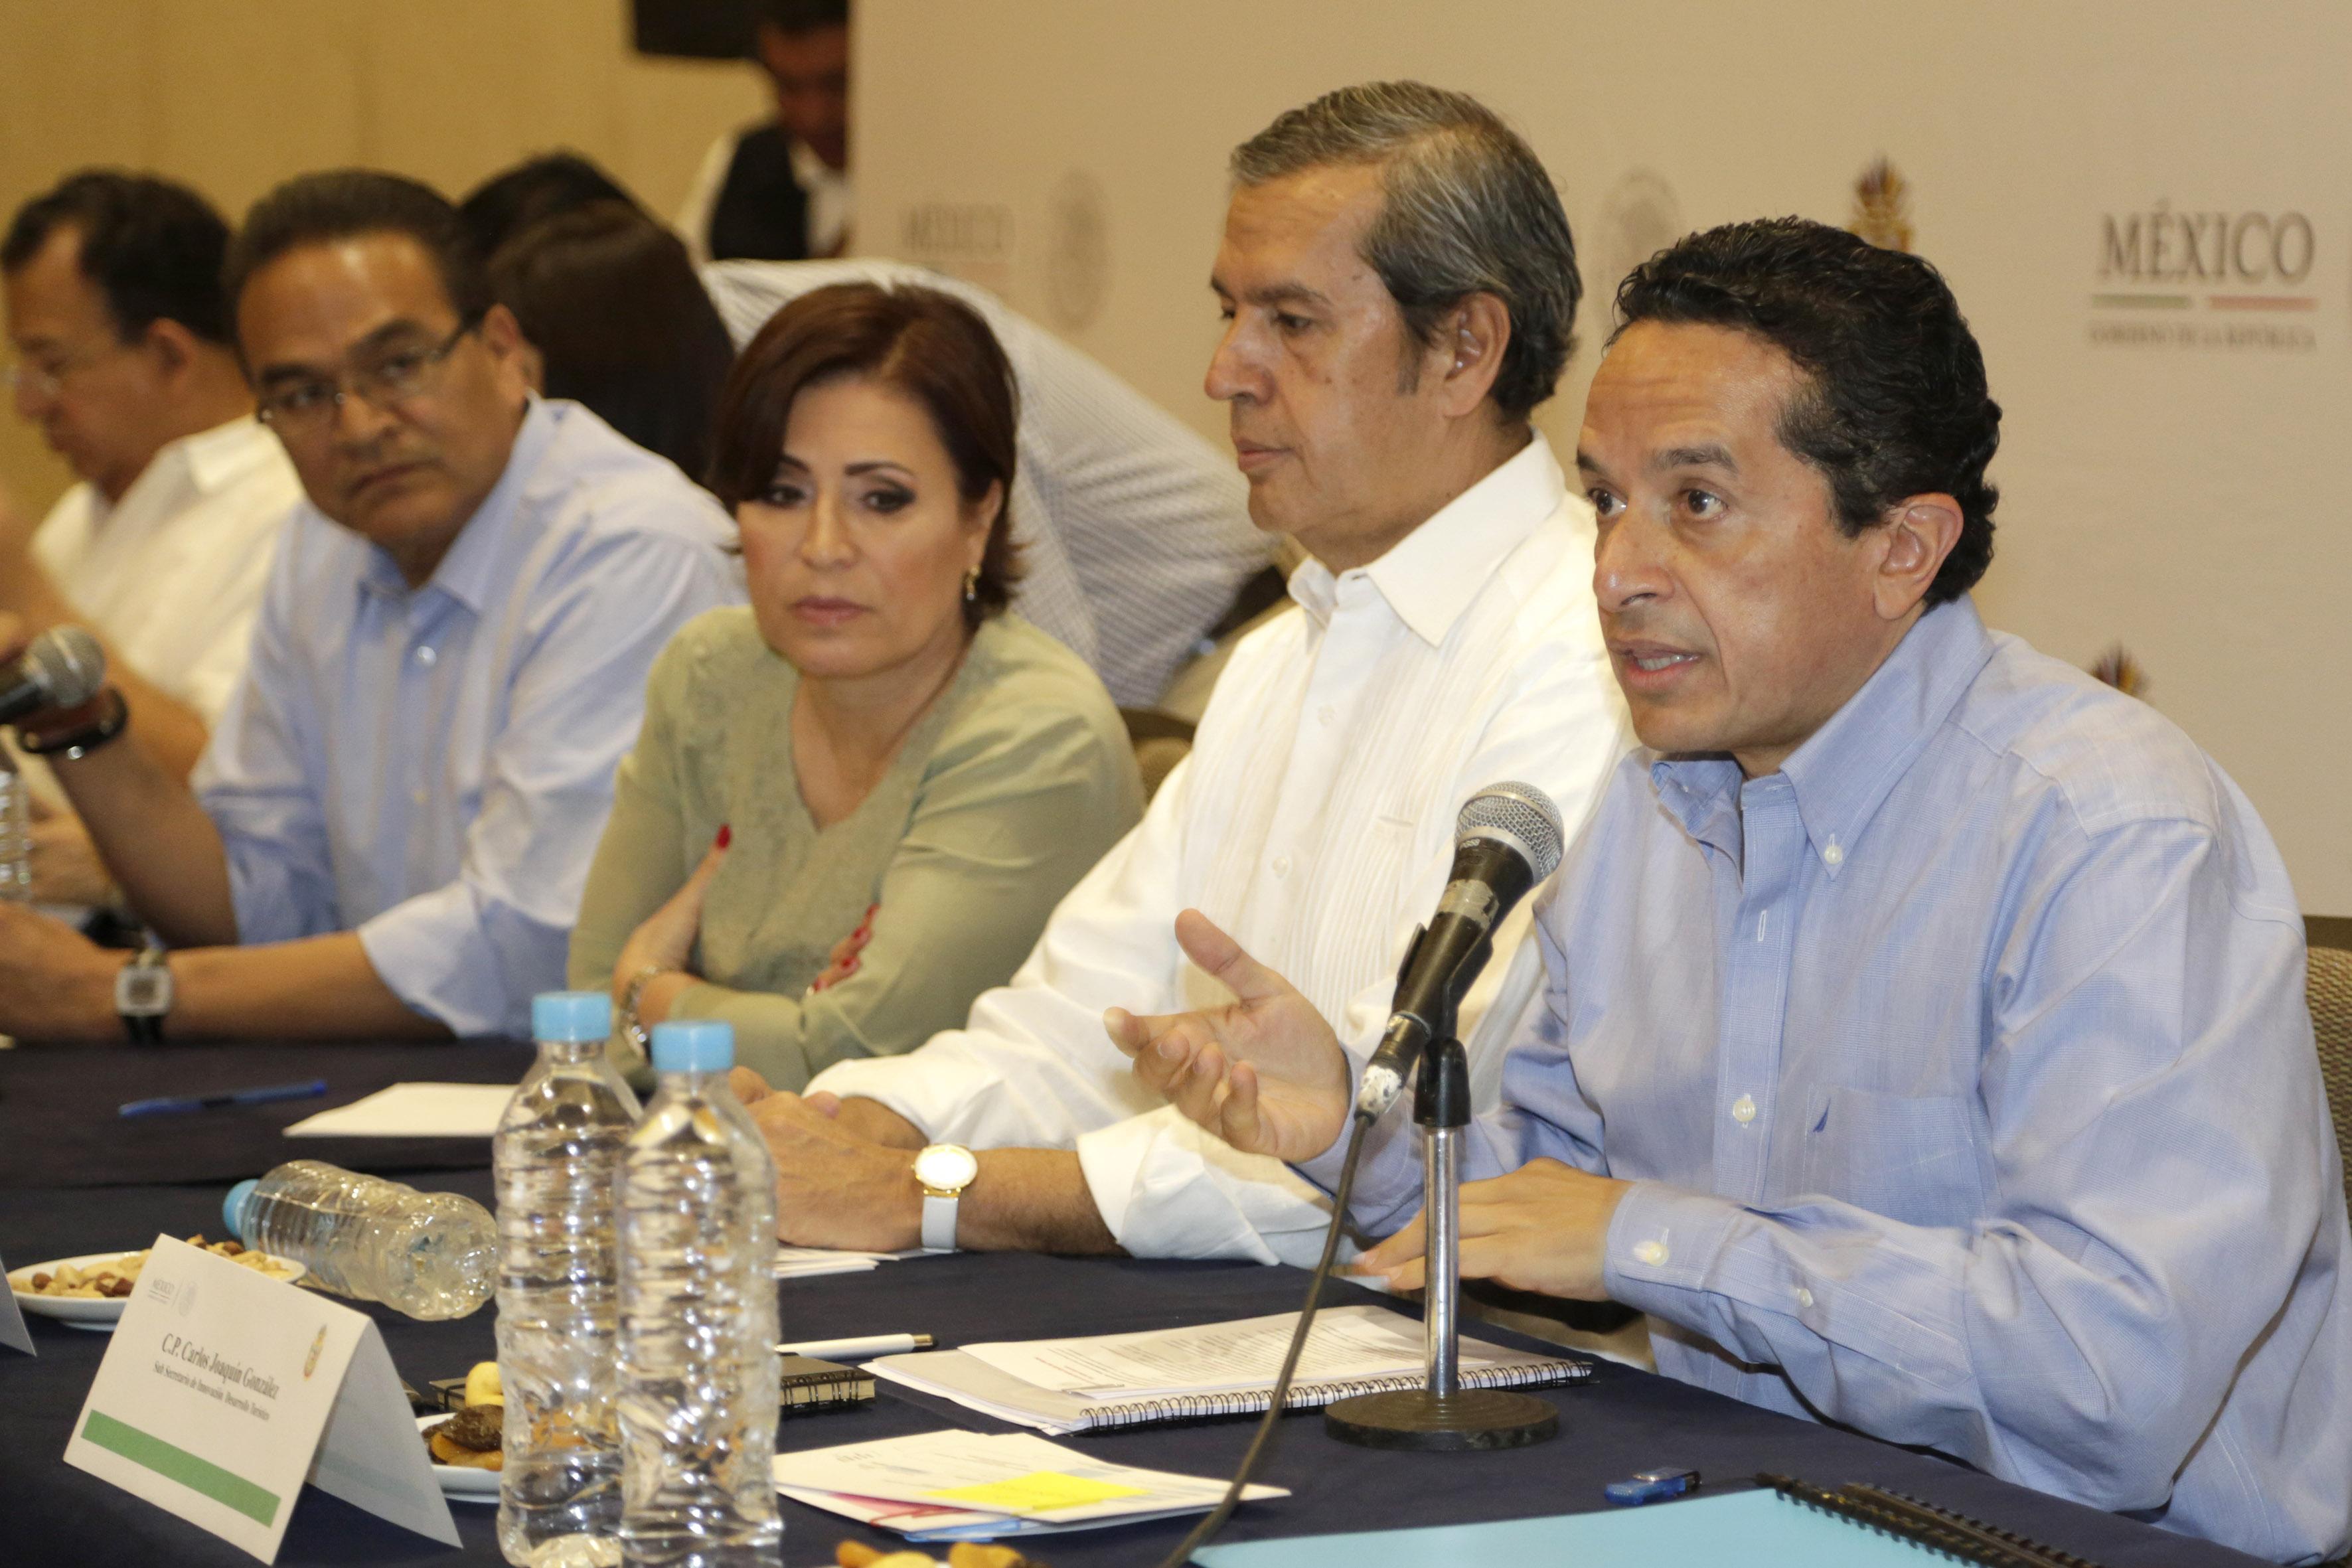 Ponencia sobre el Plan Nuevo Guerrero del Subsecretario de Innovación y Desarrollo Turístico de la SECTUR, Carlos Manuel Joaquín González.